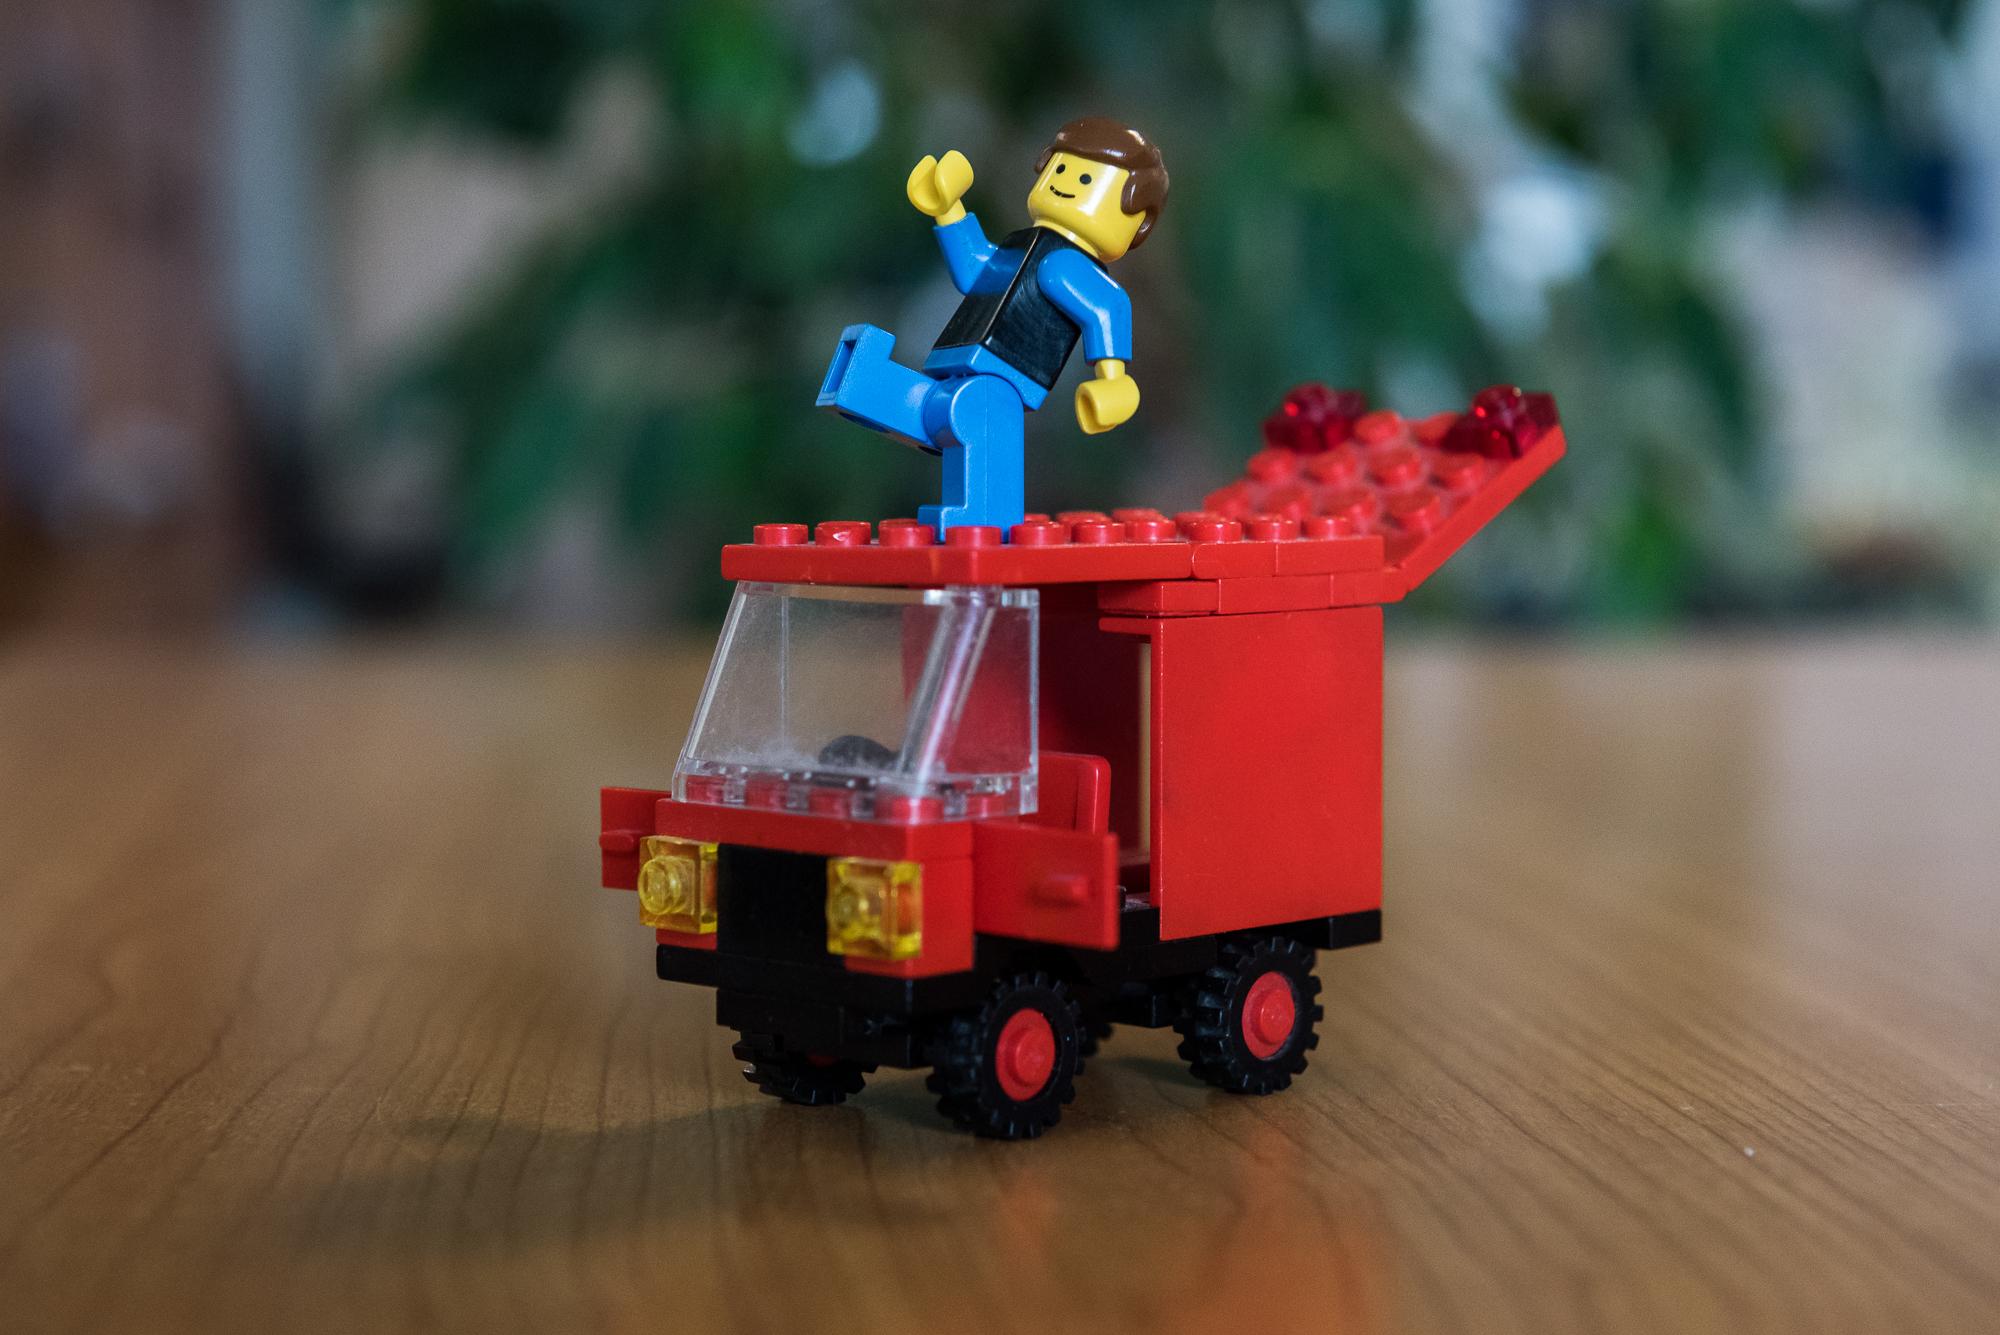 Akkora királyság a Lego Ninjago, hogy 35 évesen kedvem támadt legózni!